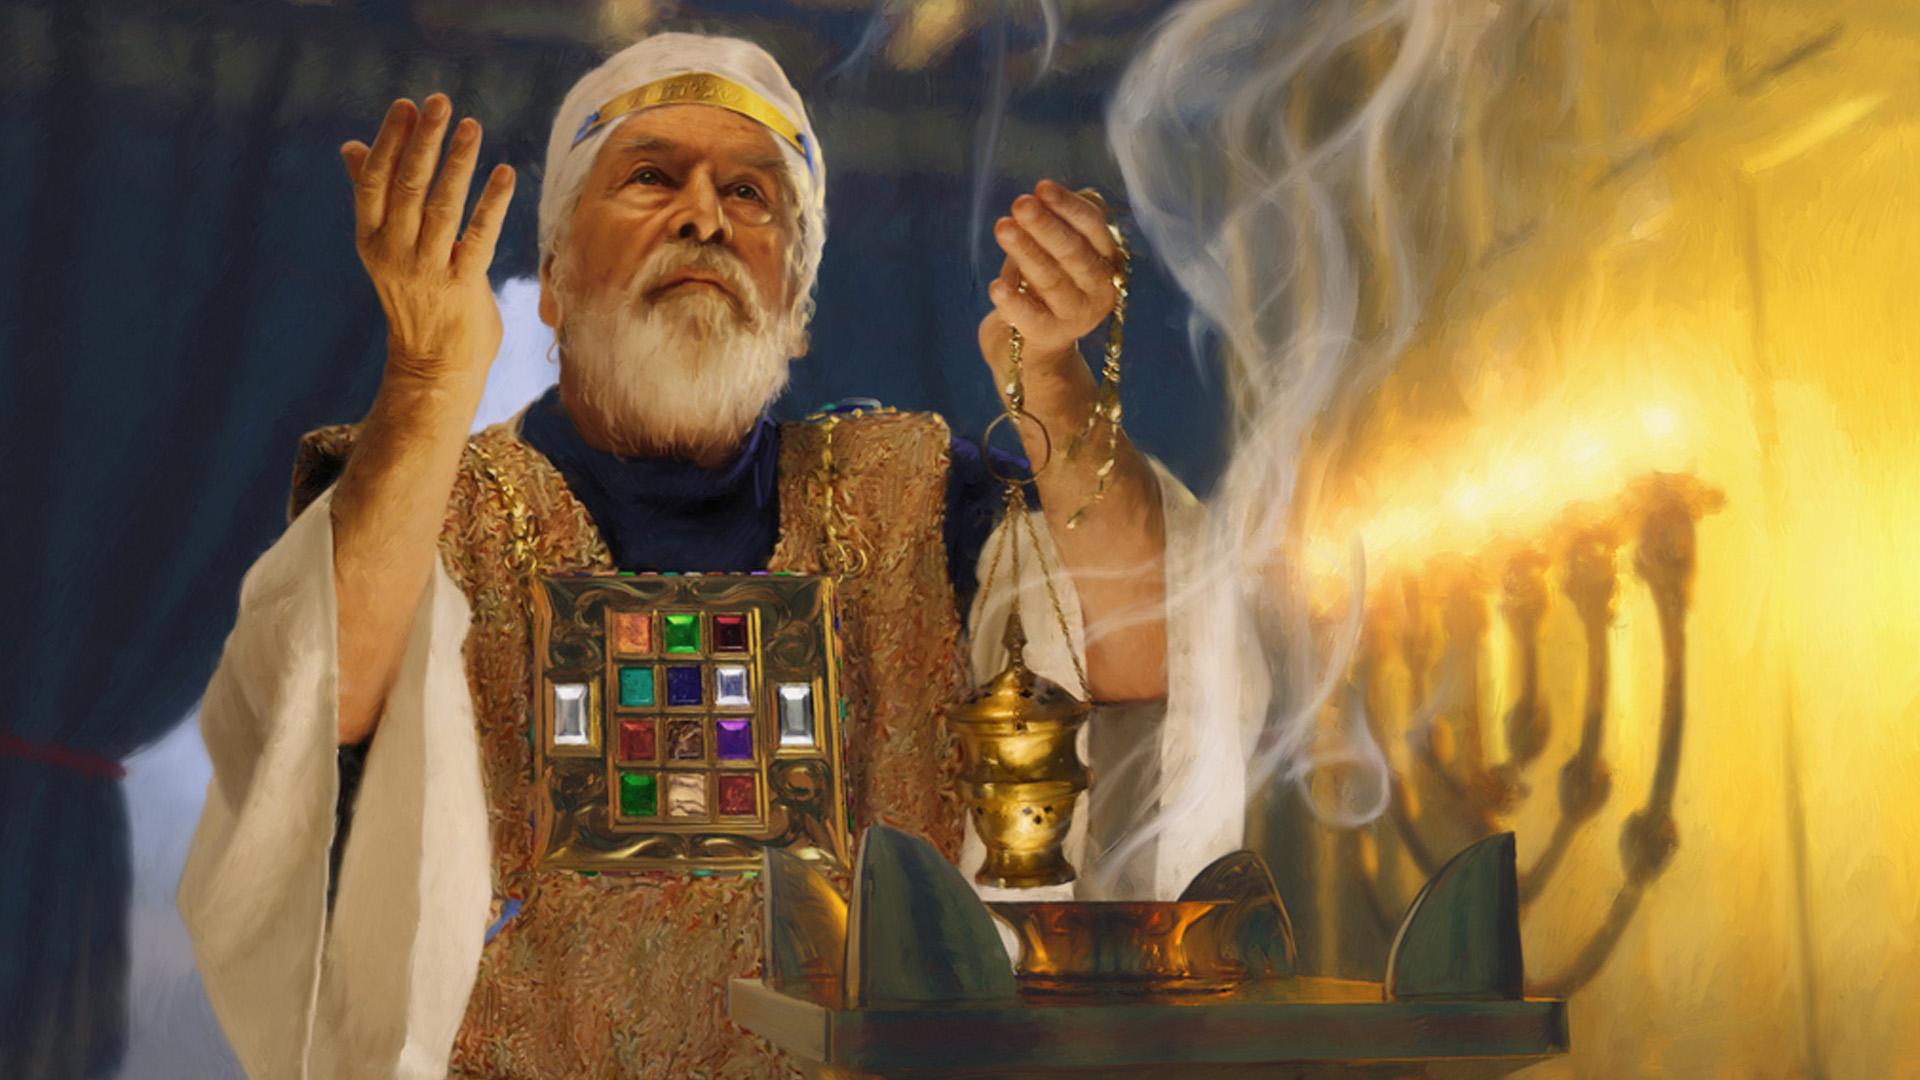 El tema del santuario celestial y su relación con el ministerio de Cristo después de la ascensión es recurrente en varias partes de la Biblia (Foto: Shutterstock)